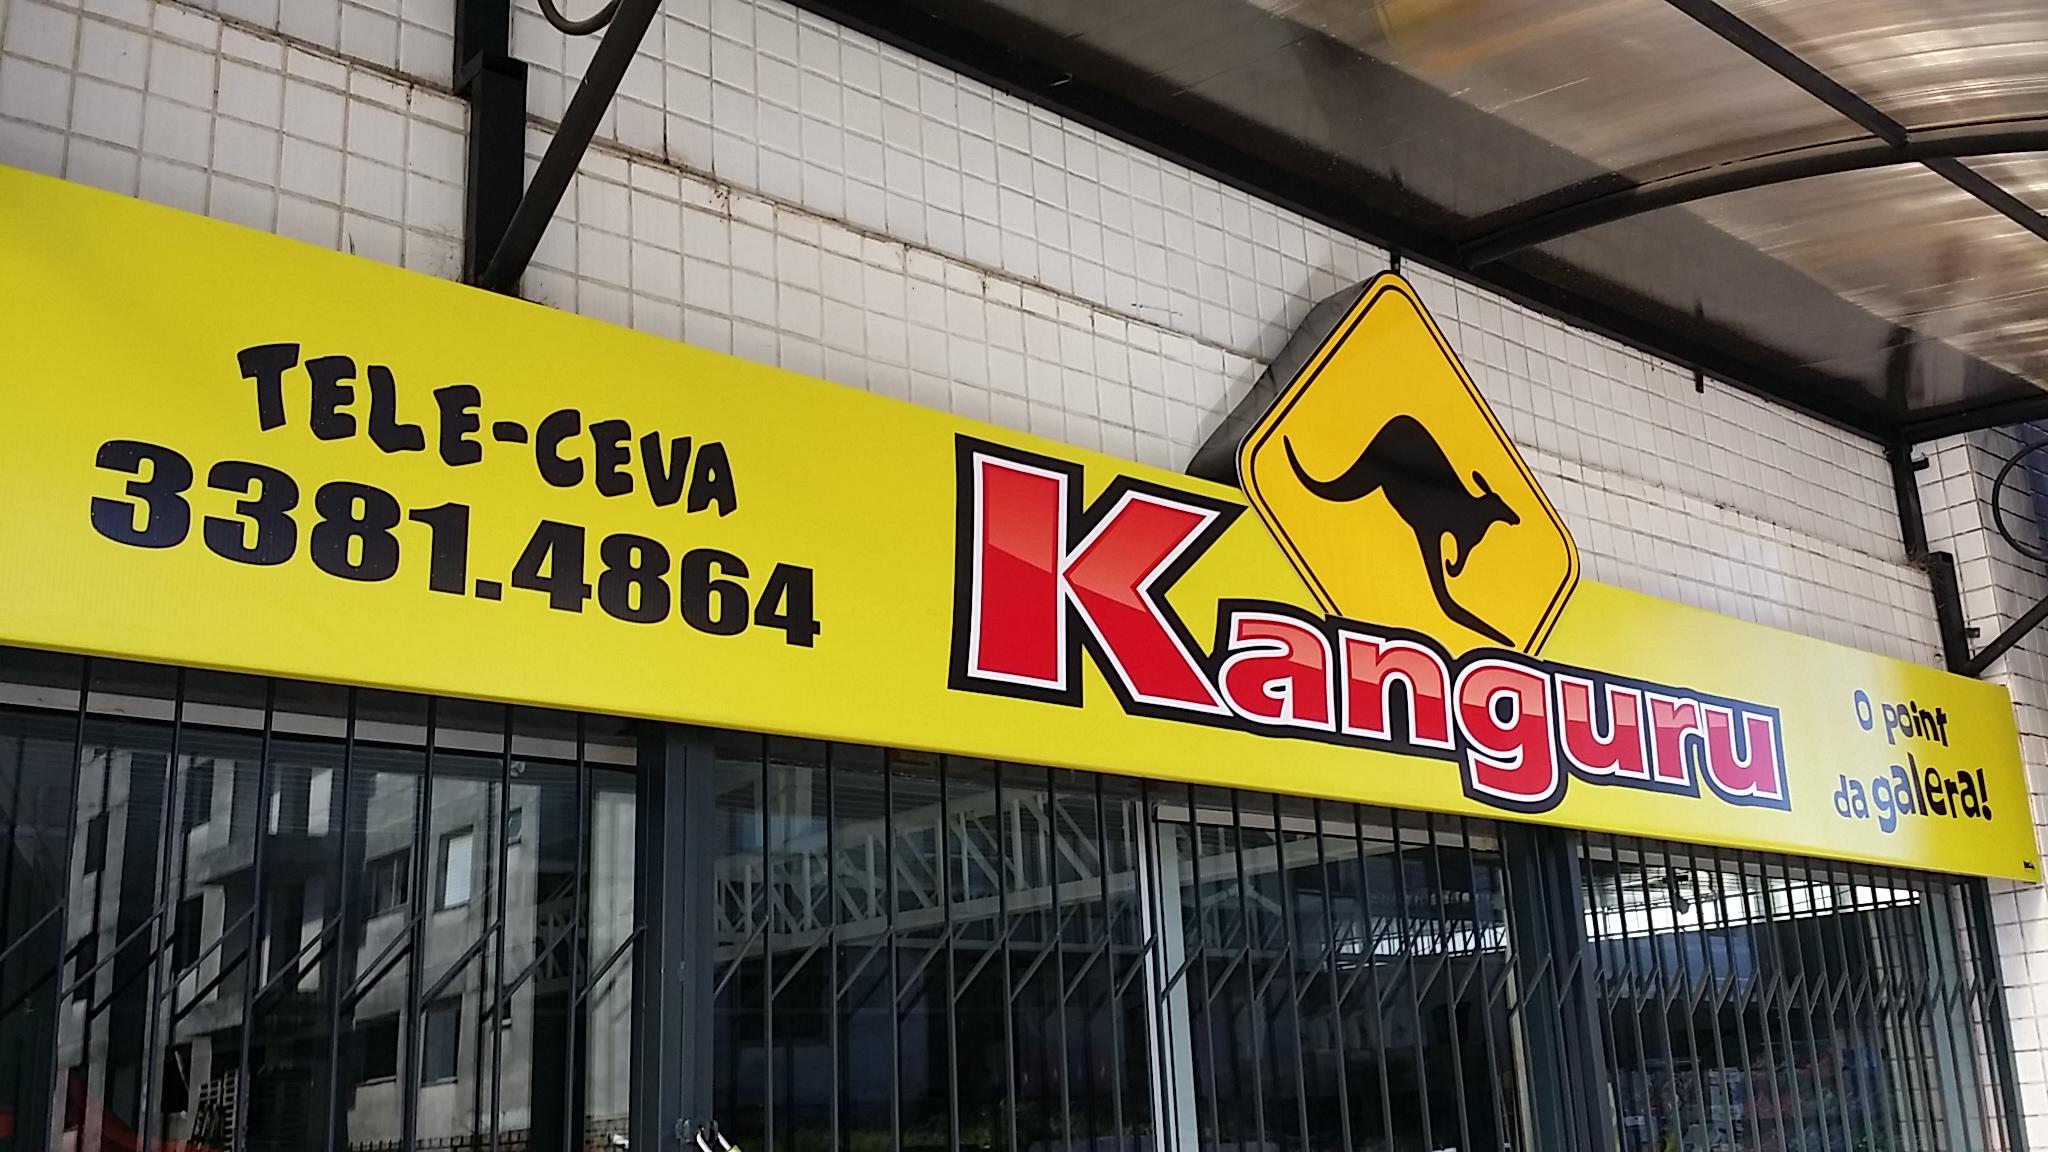 Kanguru 5